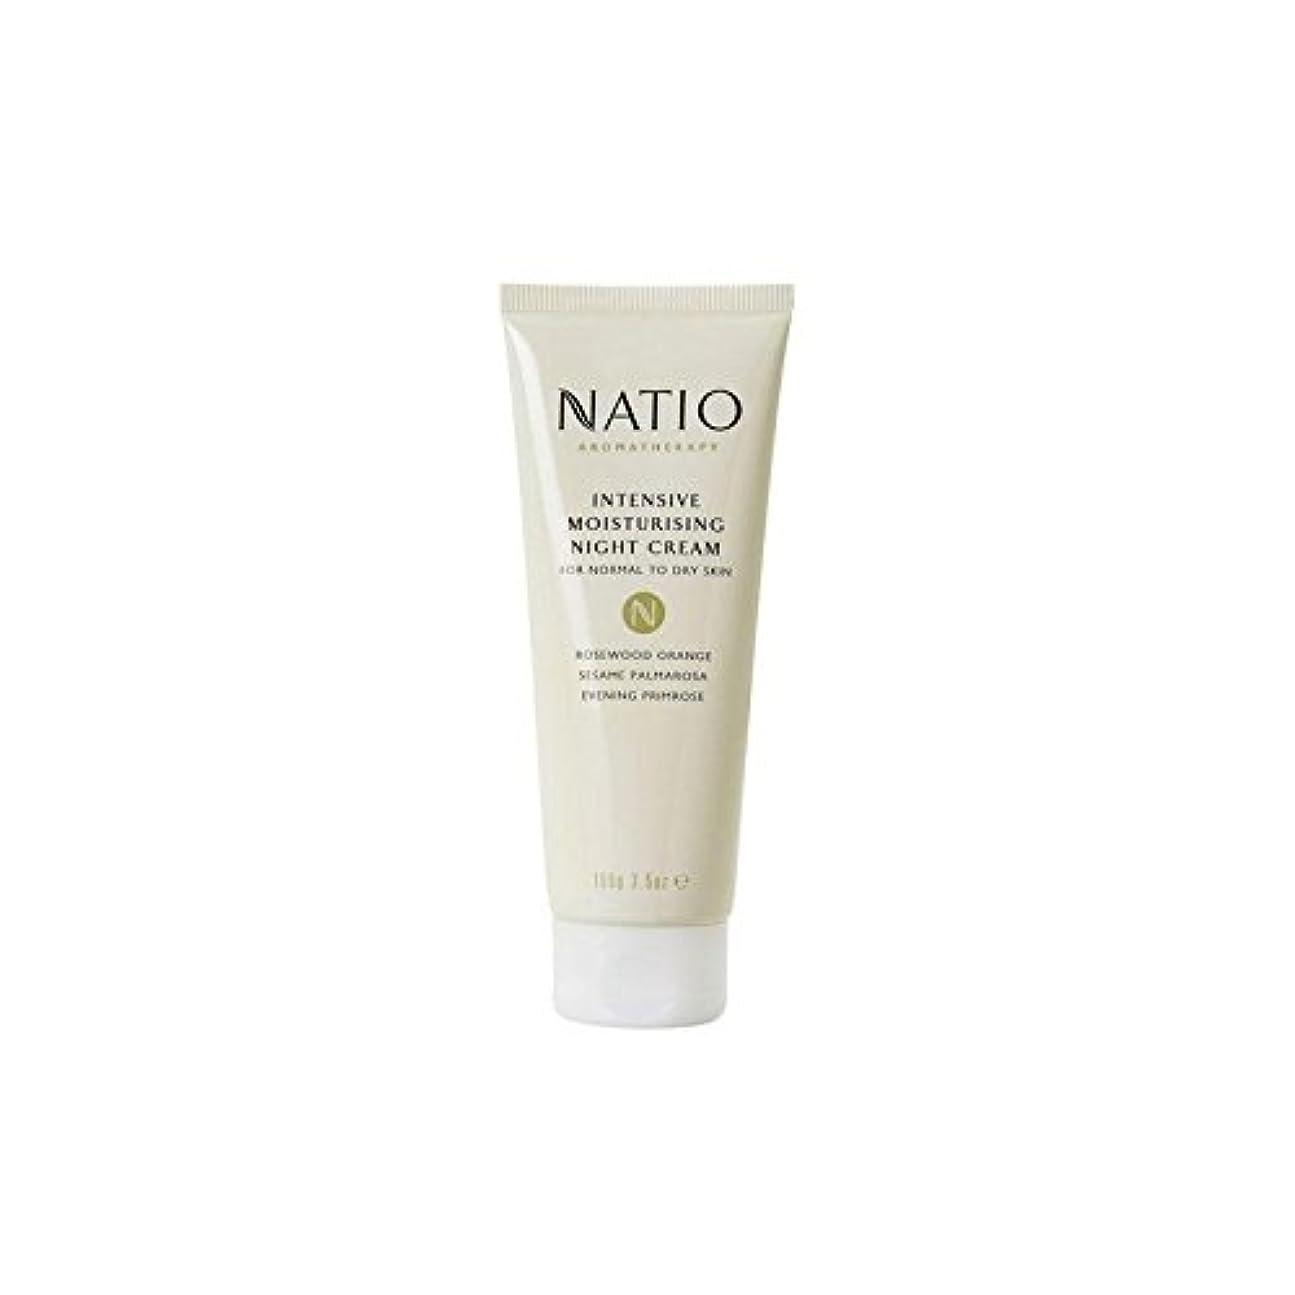 不可能な将来の哀Natio Intensive Moisturising Night Cream (100G) (Pack of 6) - 集中的な保湿ナイトクリーム(100グラム) x6 [並行輸入品]